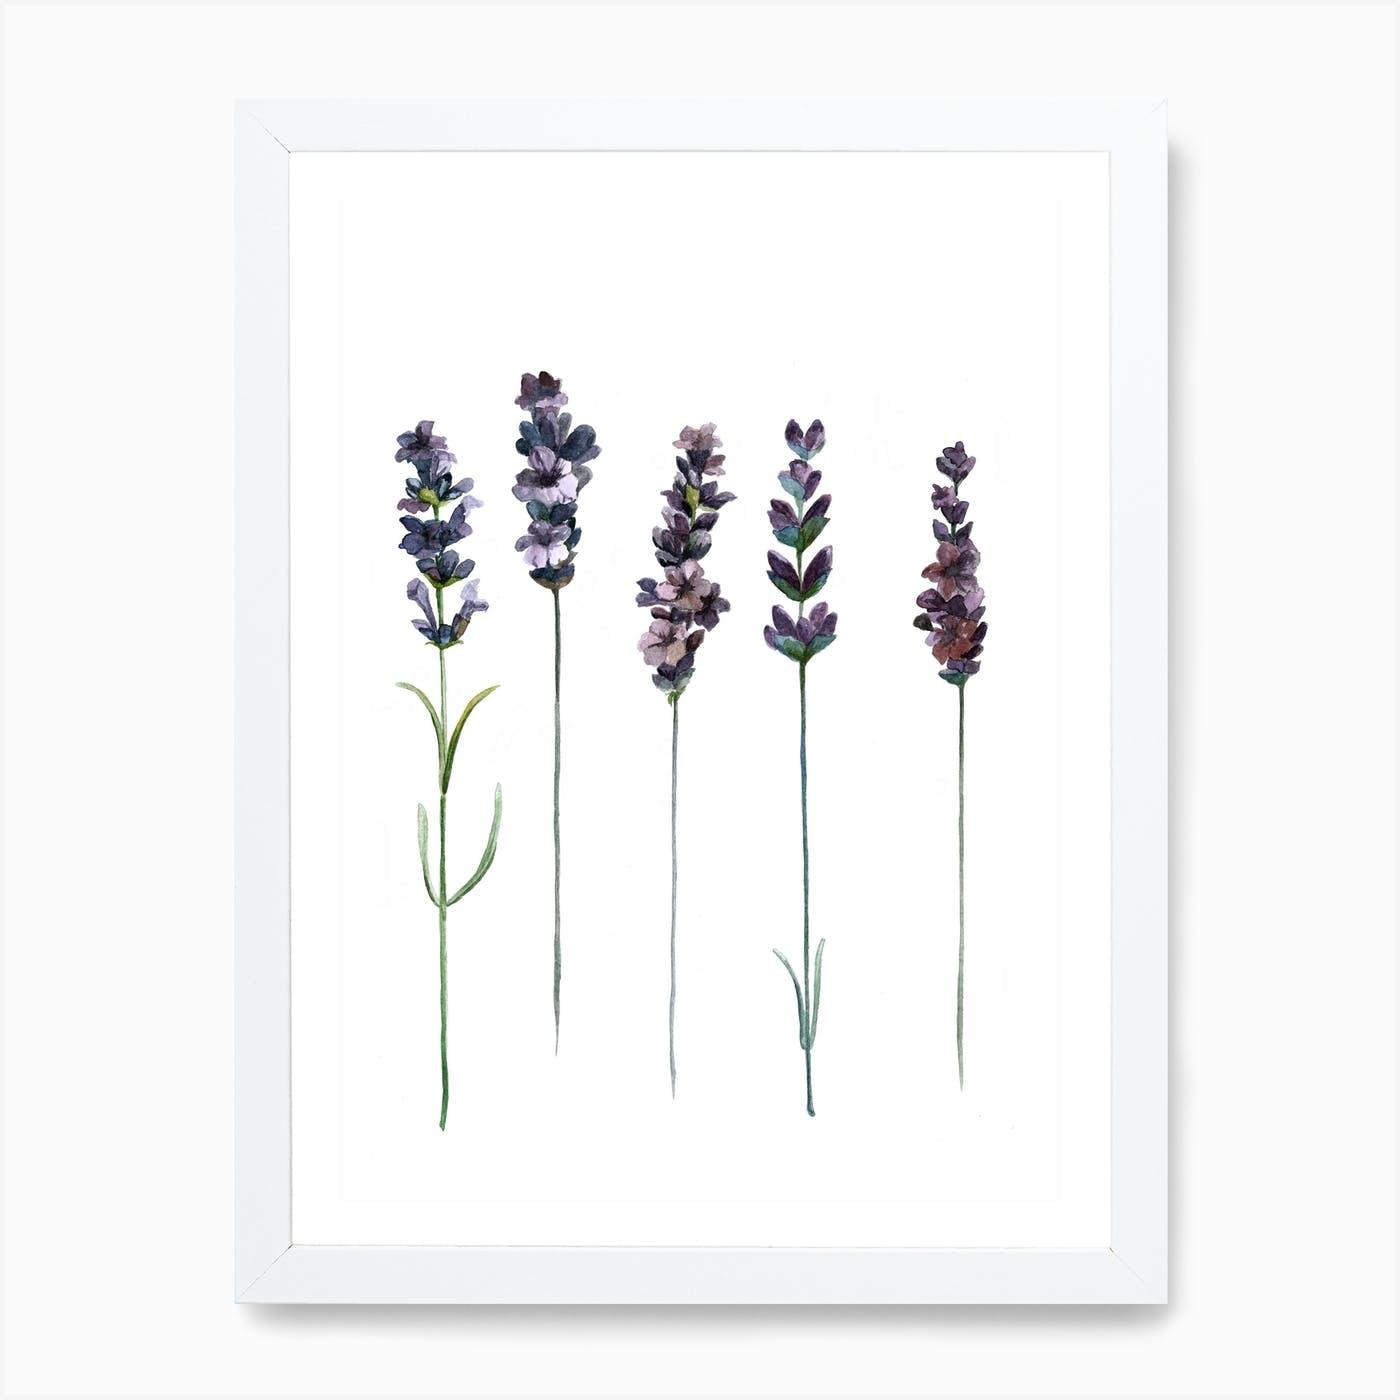 4589 3 Florist Flower Hat Boxes Black